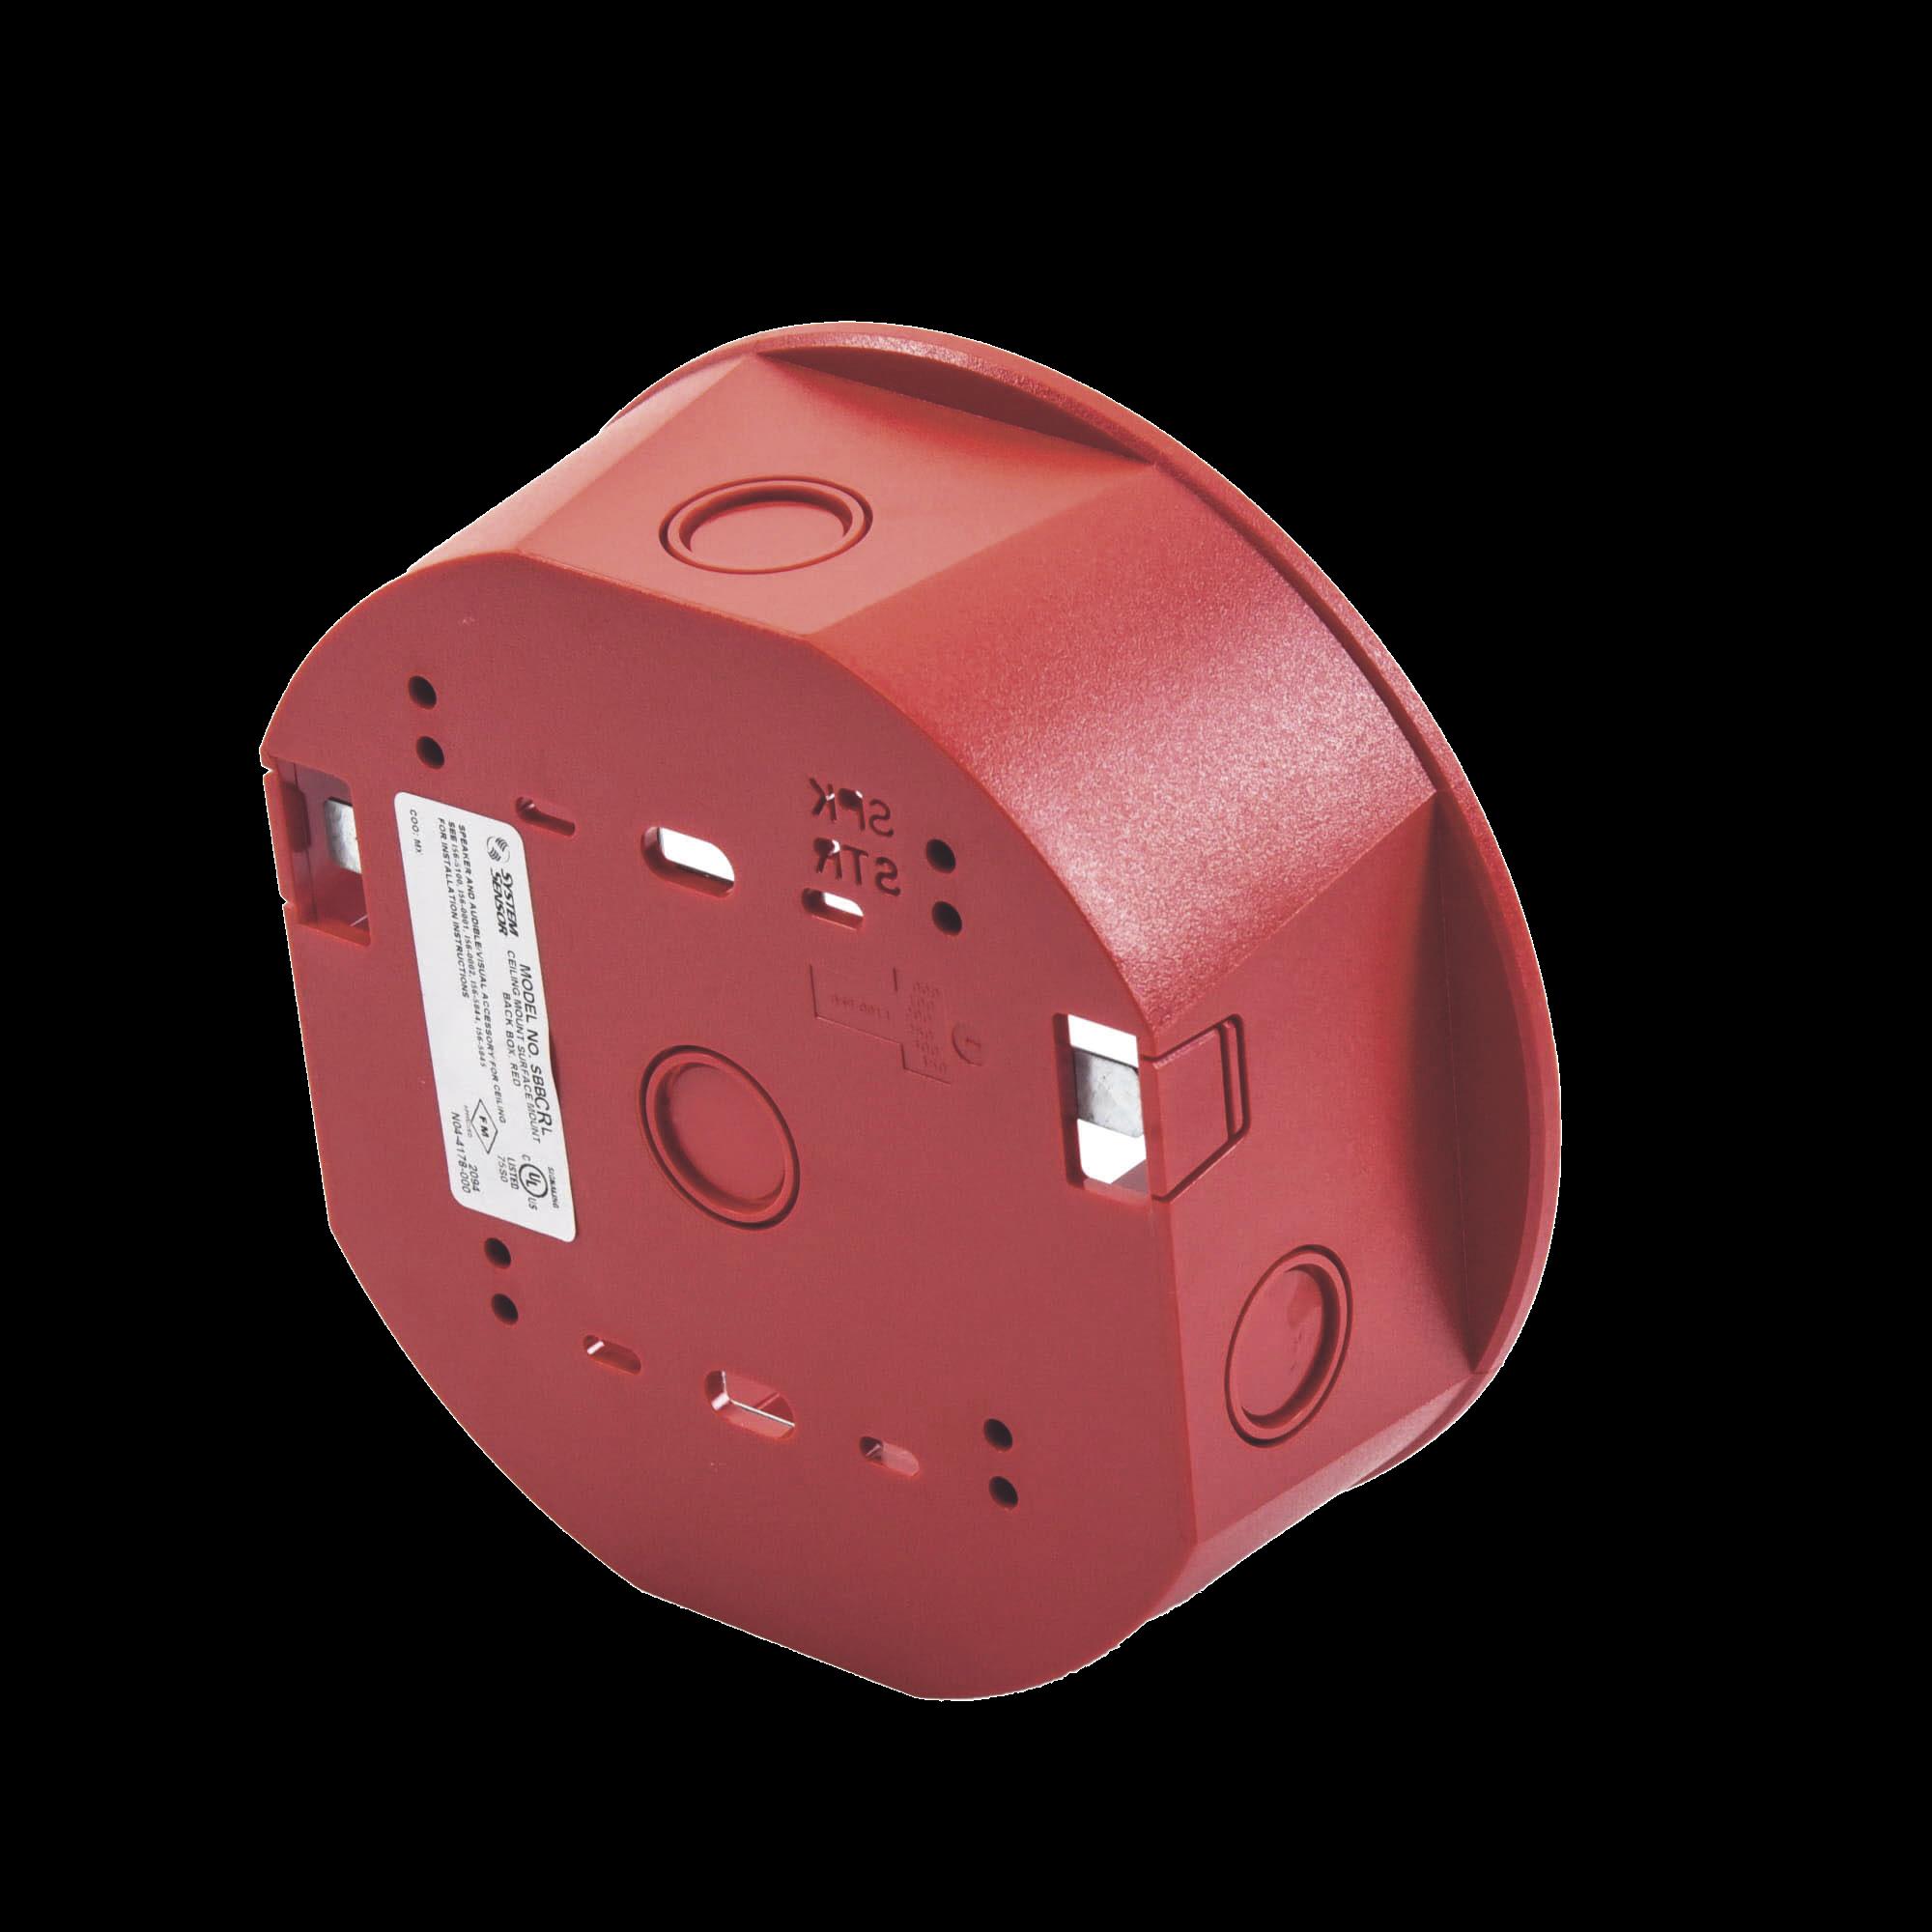 Caja de Montaje en Techo, para Sirena, Color Rojo, Nuevo Diseño Moderno y Elegante